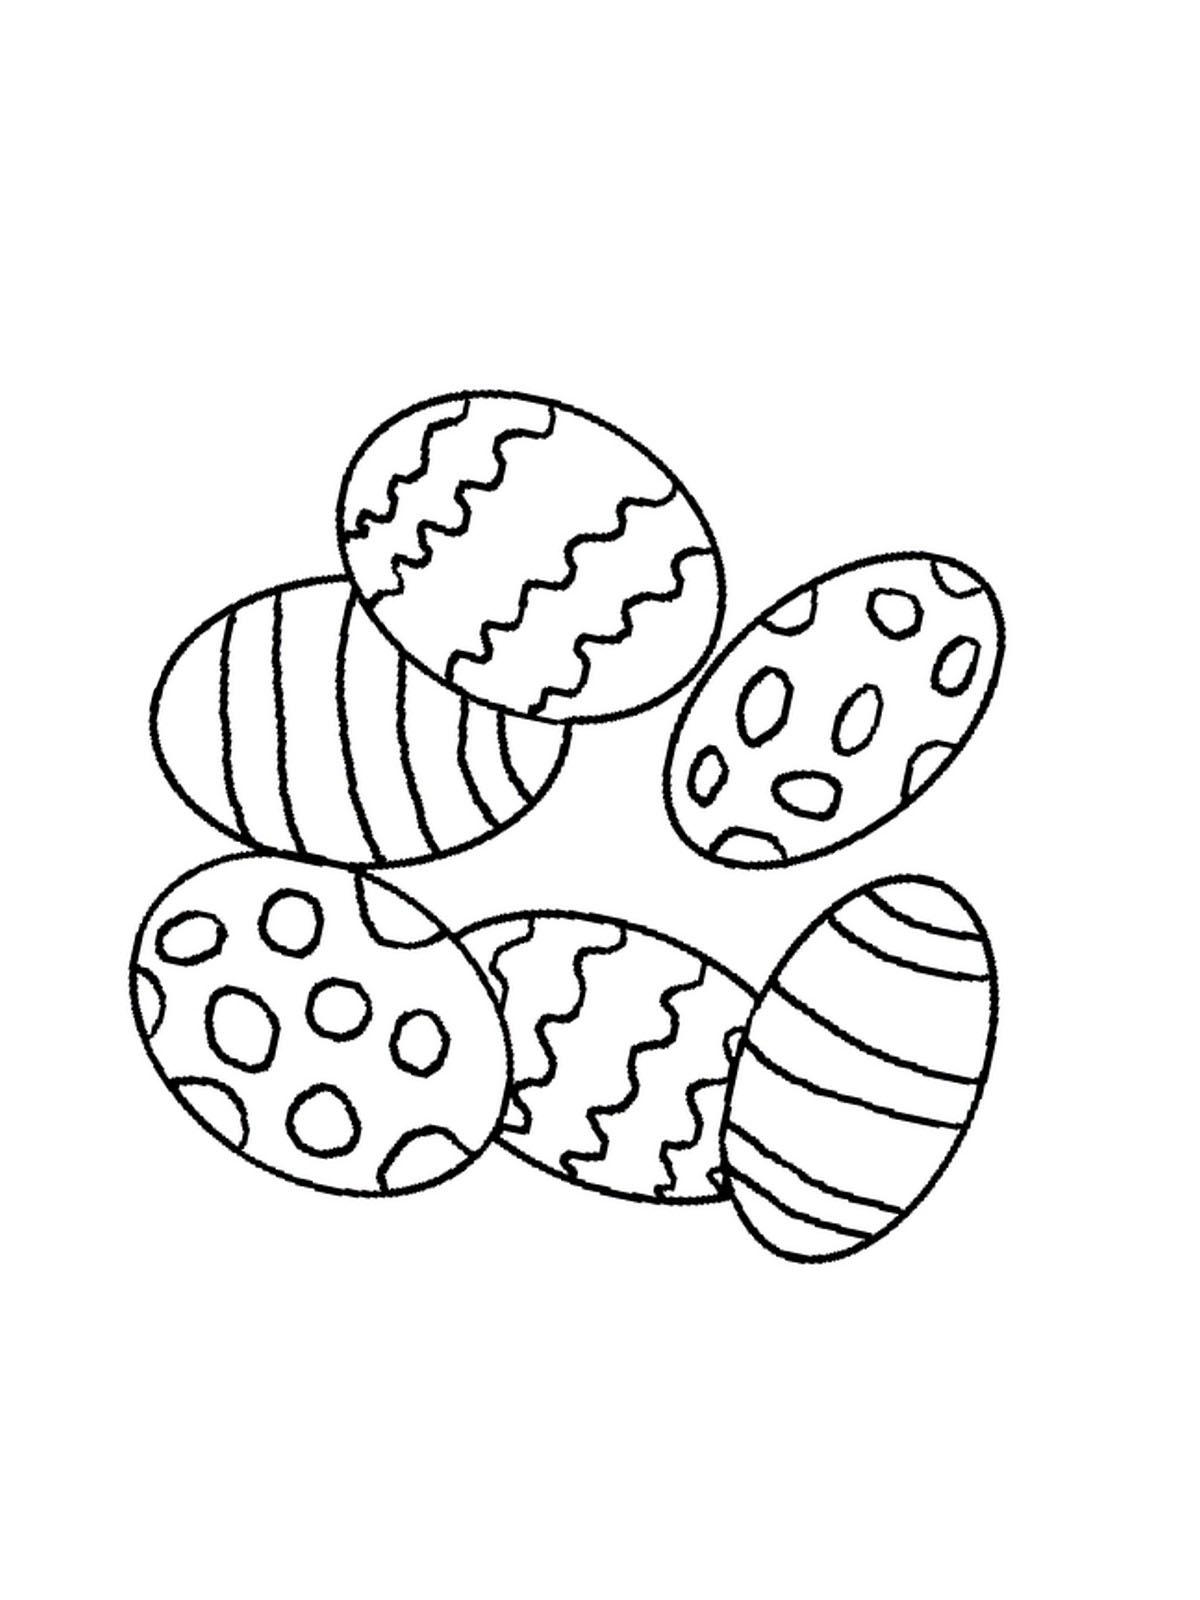 ausmalbilder, malvorlagen von ostern kostenlos zum